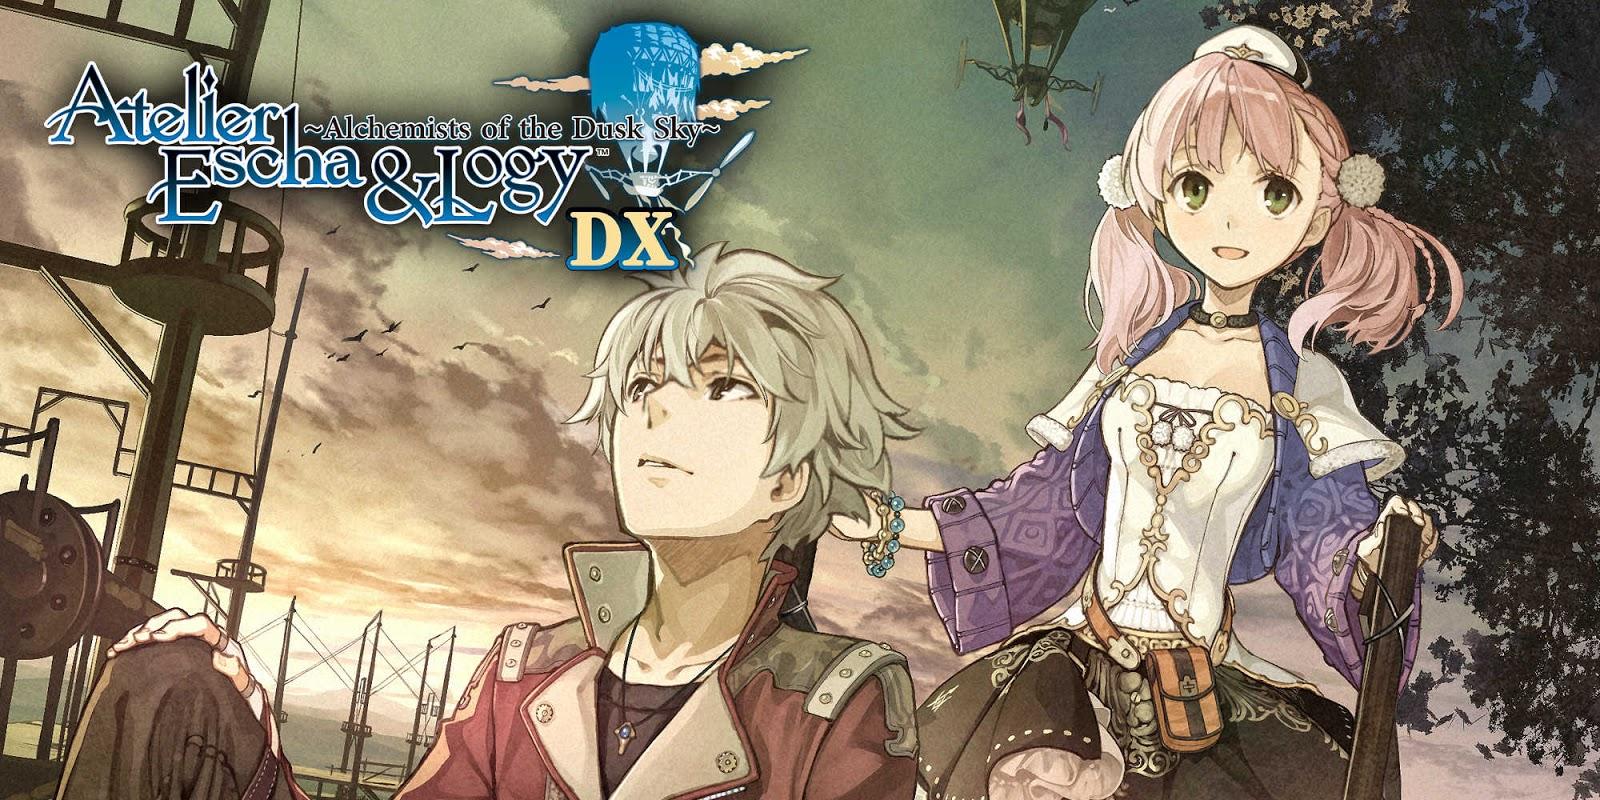 atelier-escha-and-logy-alchemists-of-the-dusk-sky-dx